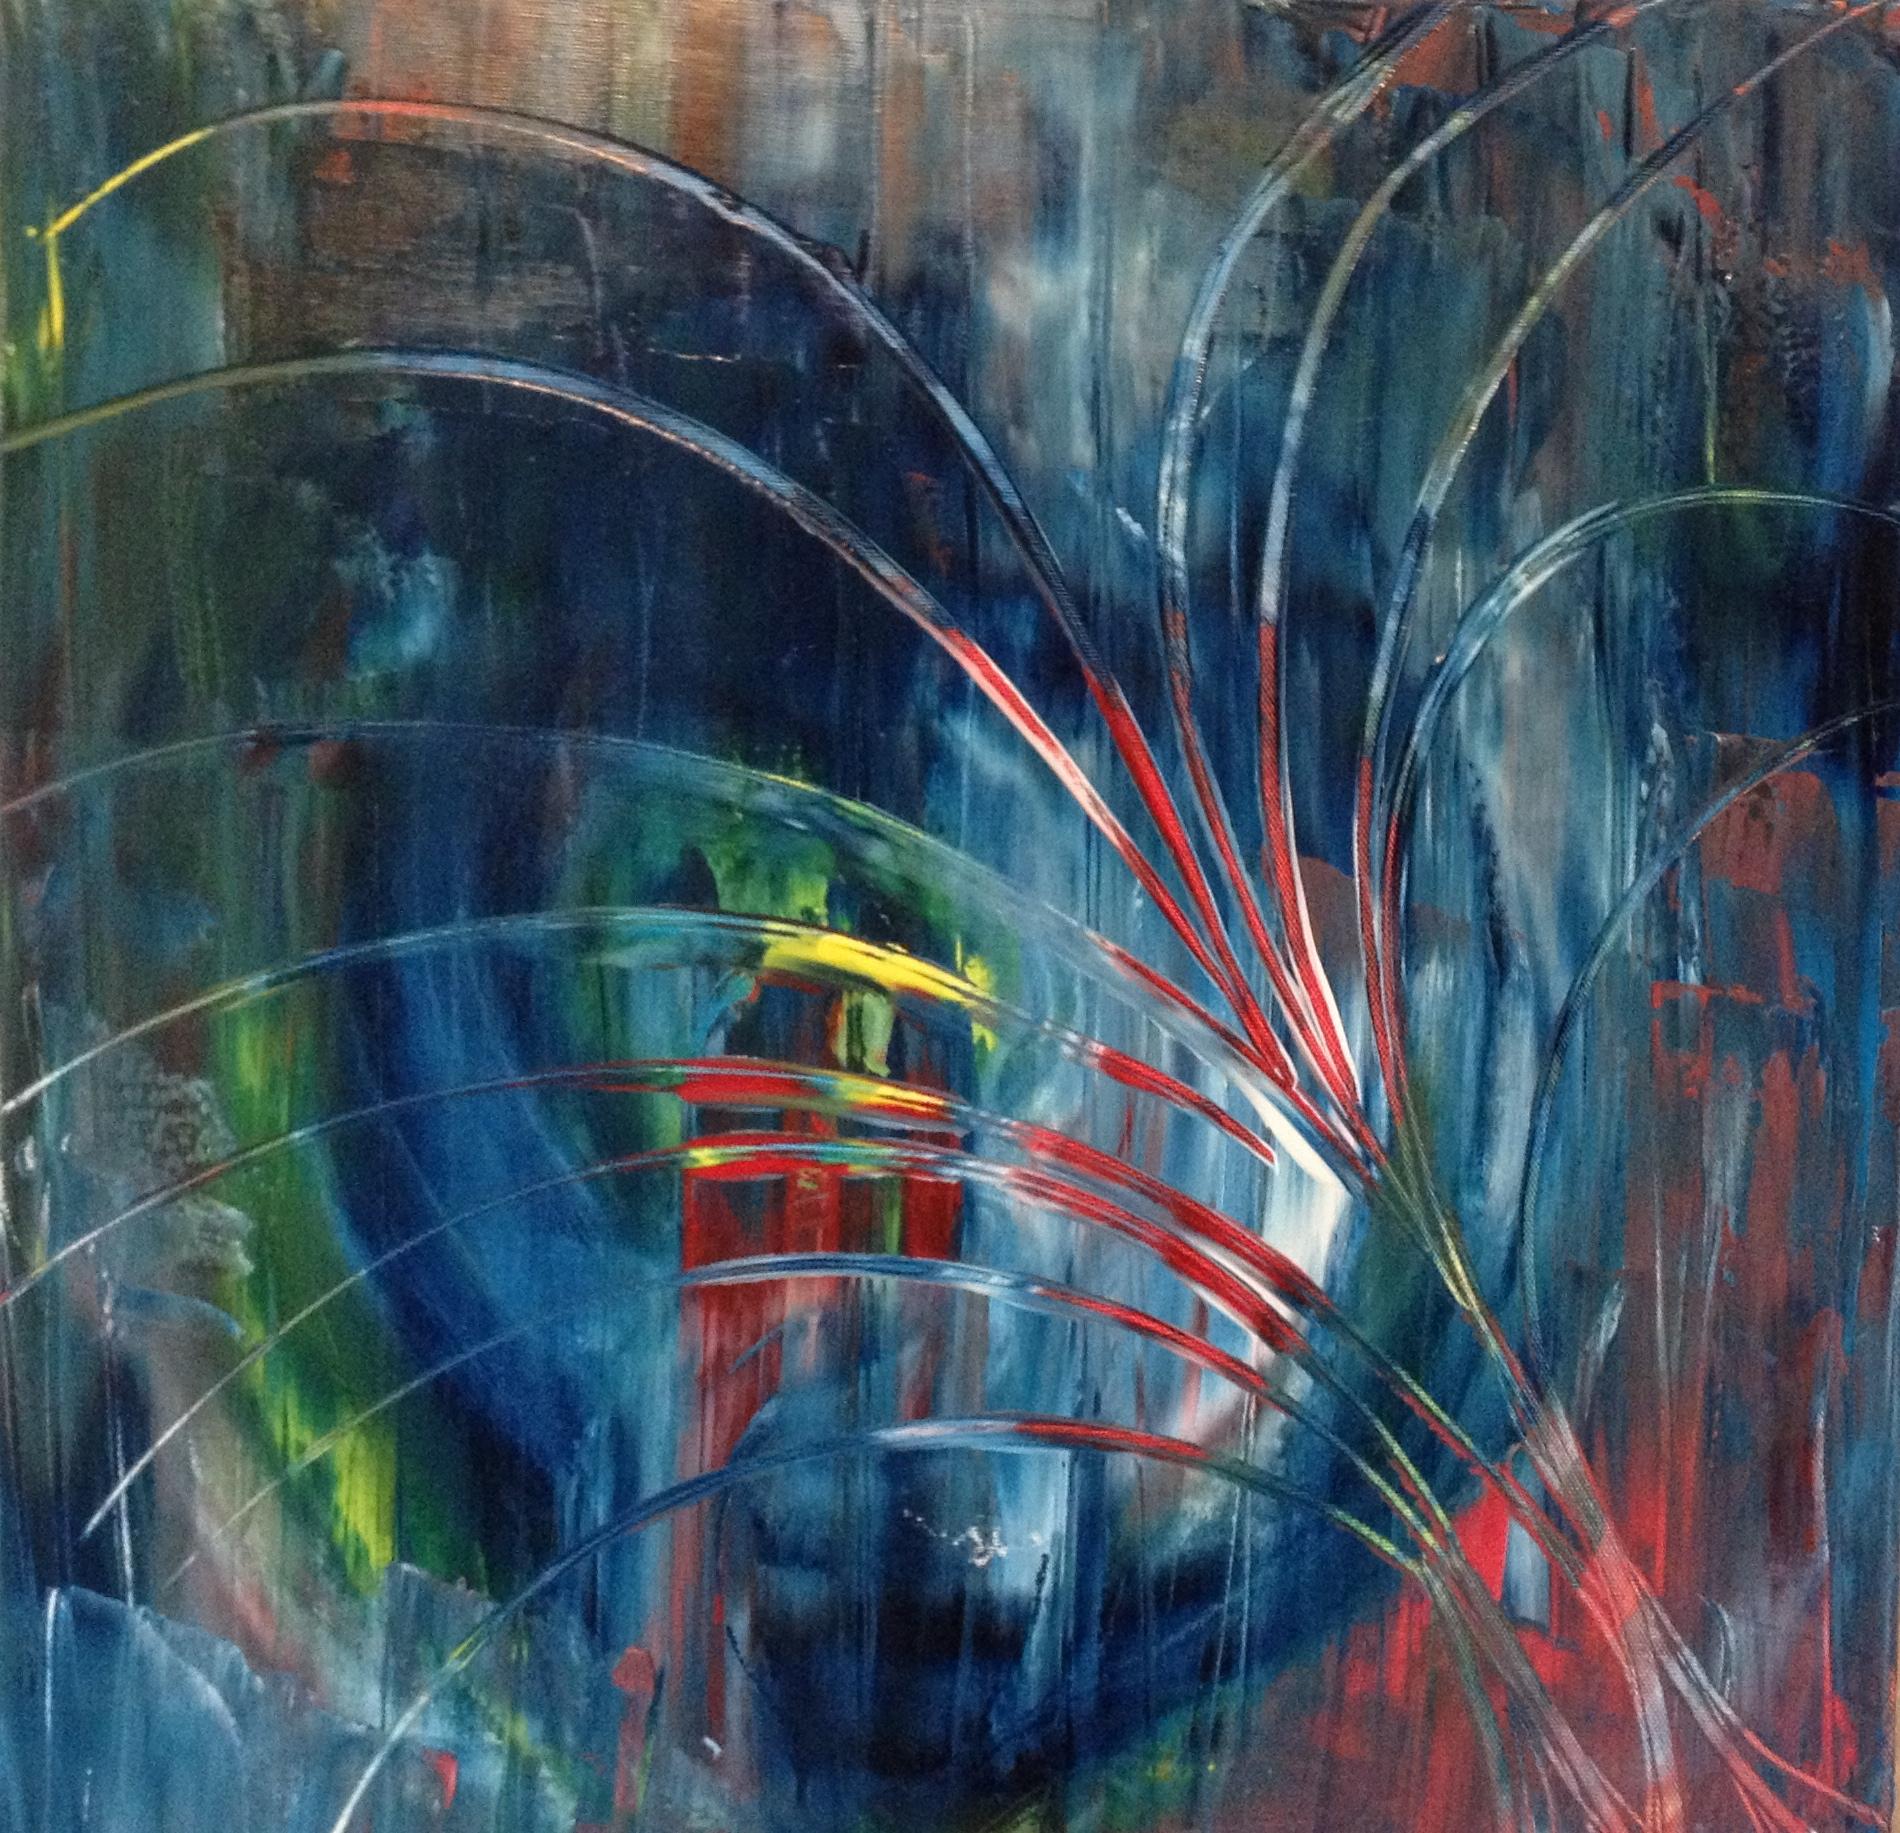 Krystal, Oil on canvas, 20''x20'', 2013